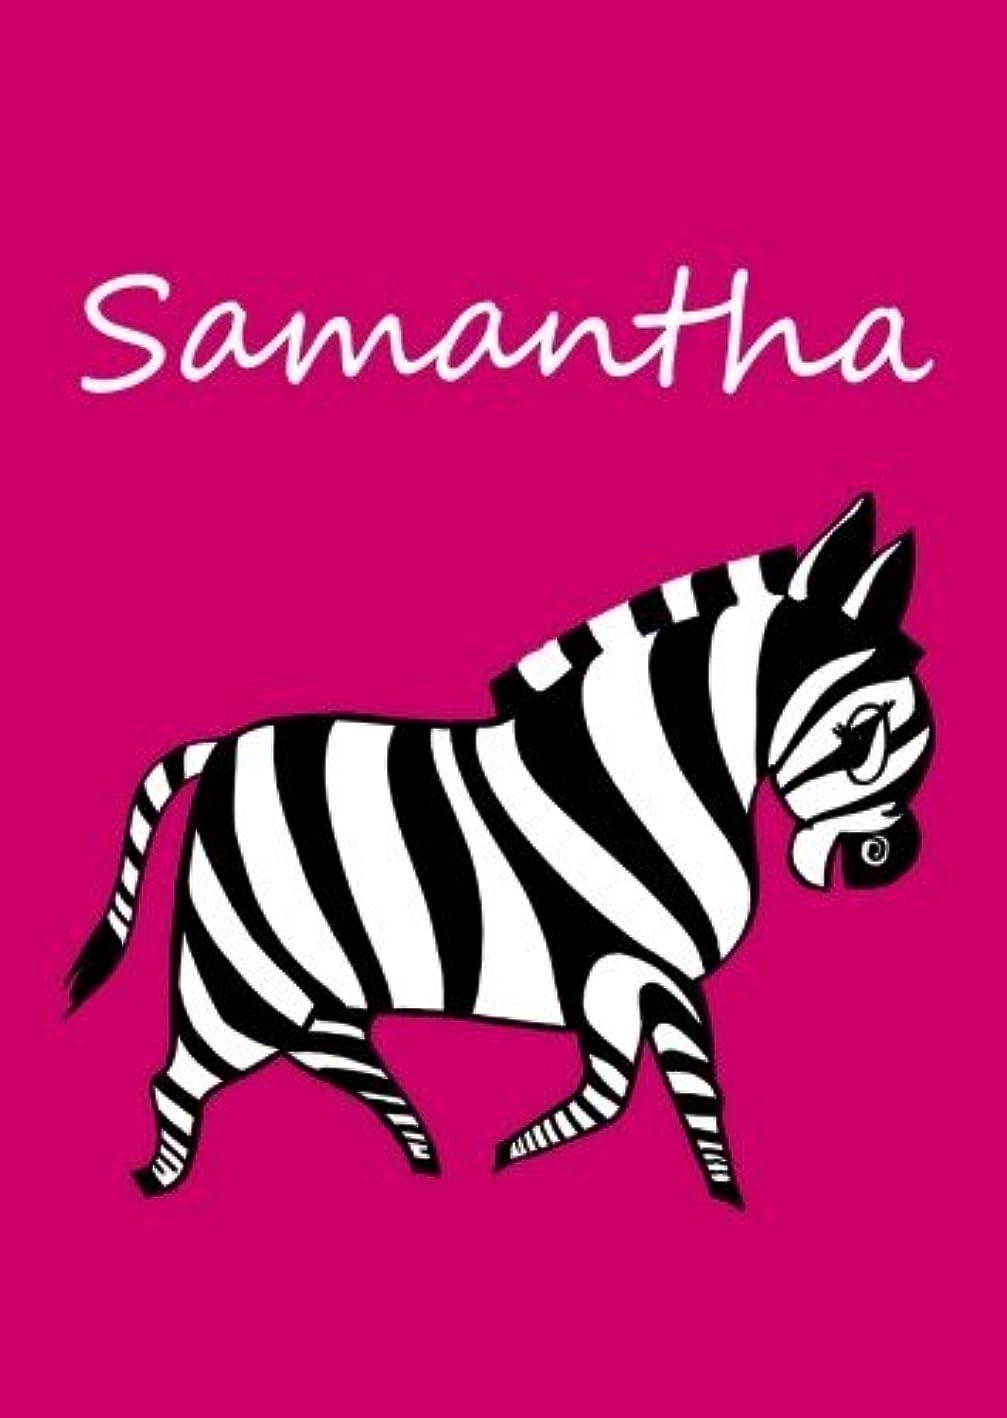 気まぐれな脳胚Samantha: personalisiertes Malbuch / Notizbuch / Tagebuch - Zebra - A4 - blanko